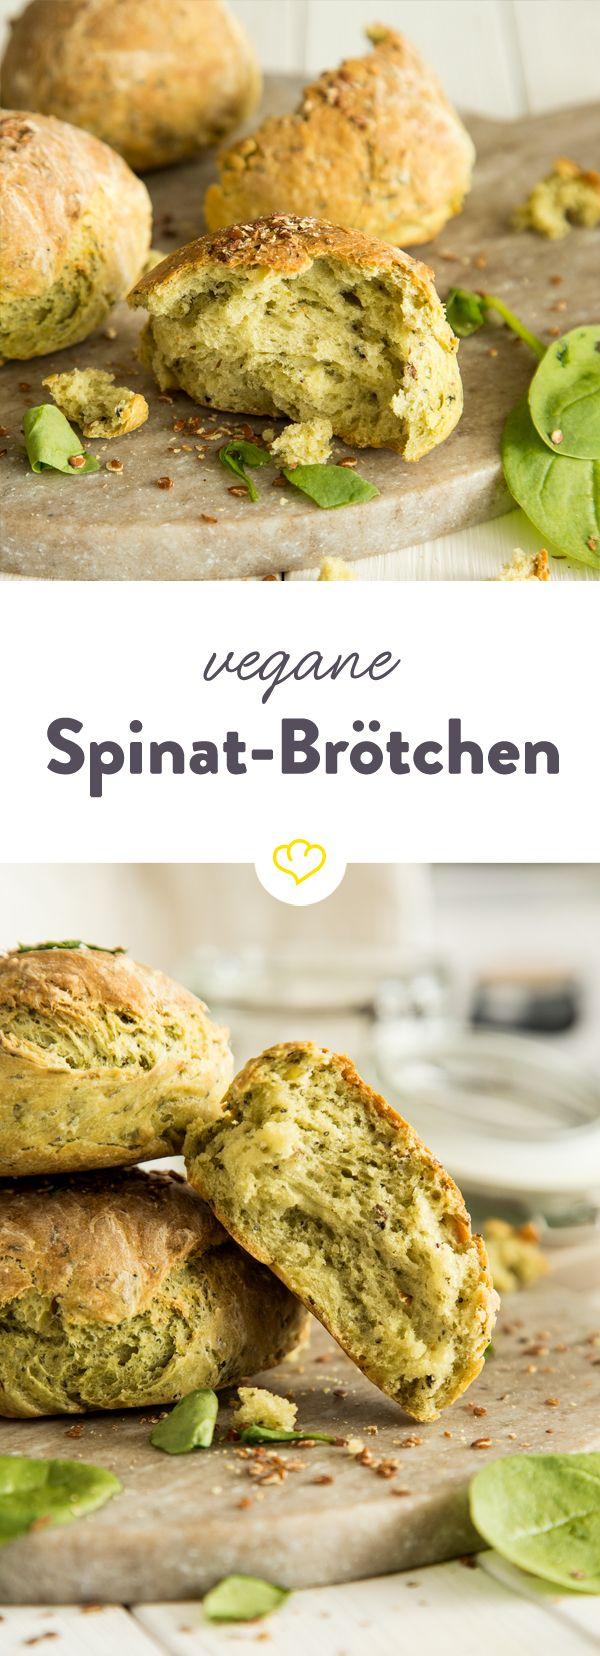 Diese soften Brötchen mit zartem Spinat, Haferflocken und einem gesunden Mix aus Sesam-, Mohn- und Leinsamen werden dein Herz im Sturm erobern.